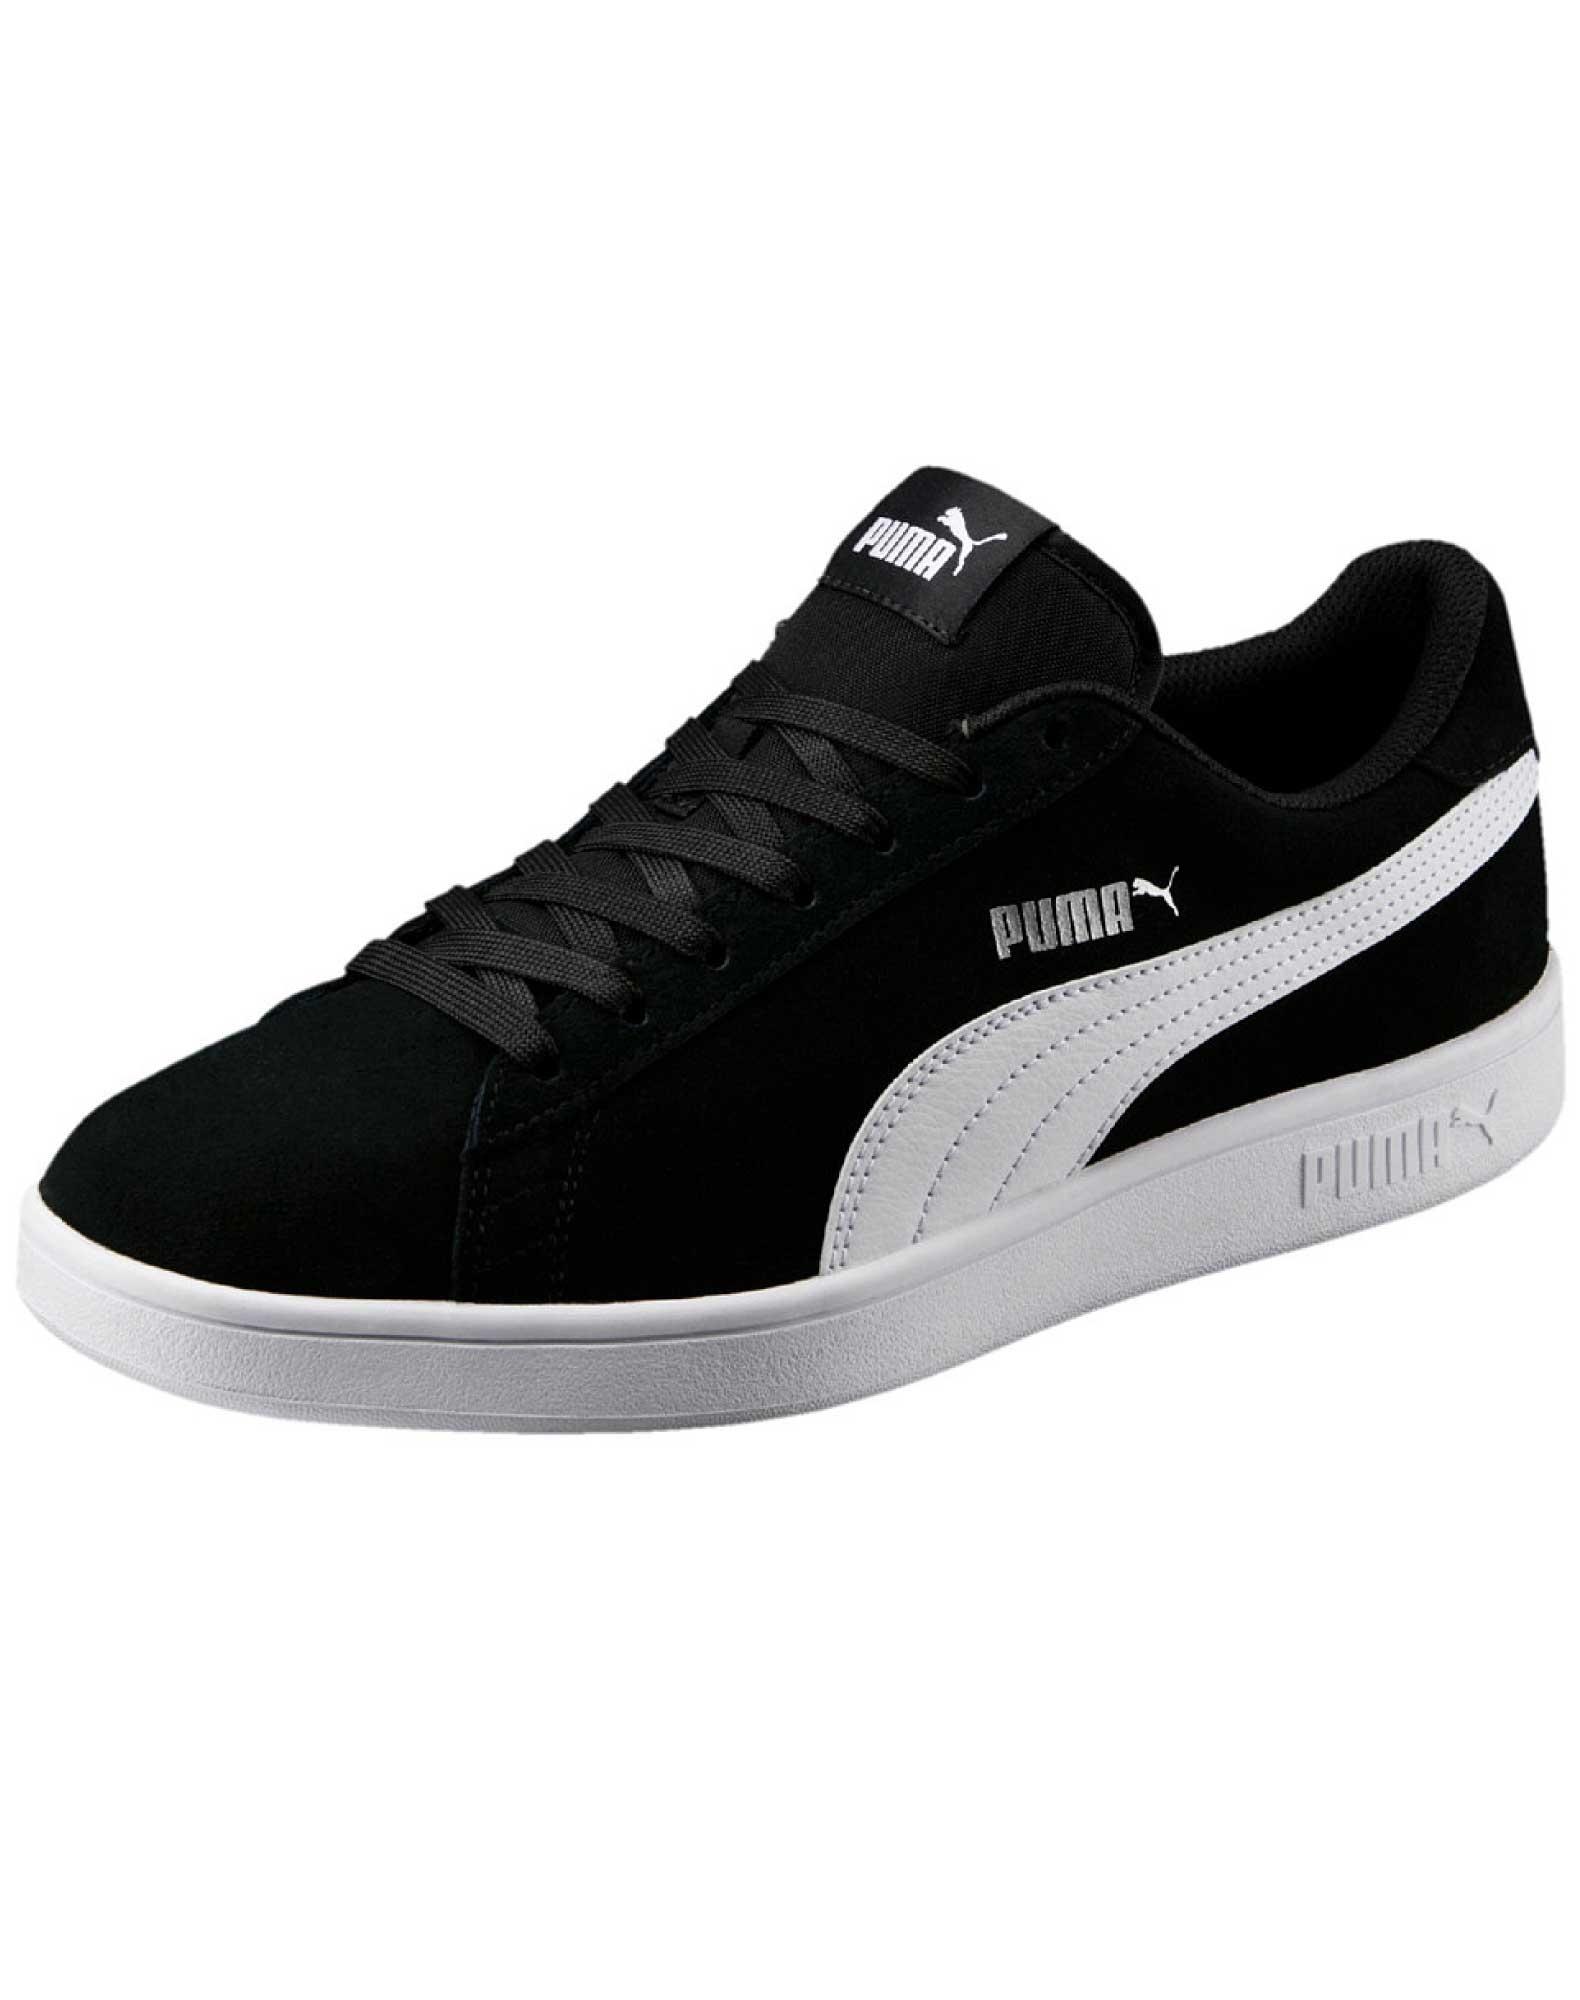 0c6ba2ce Køb Puma Sneakers Smash v2 Sort-Hvid Unisex online